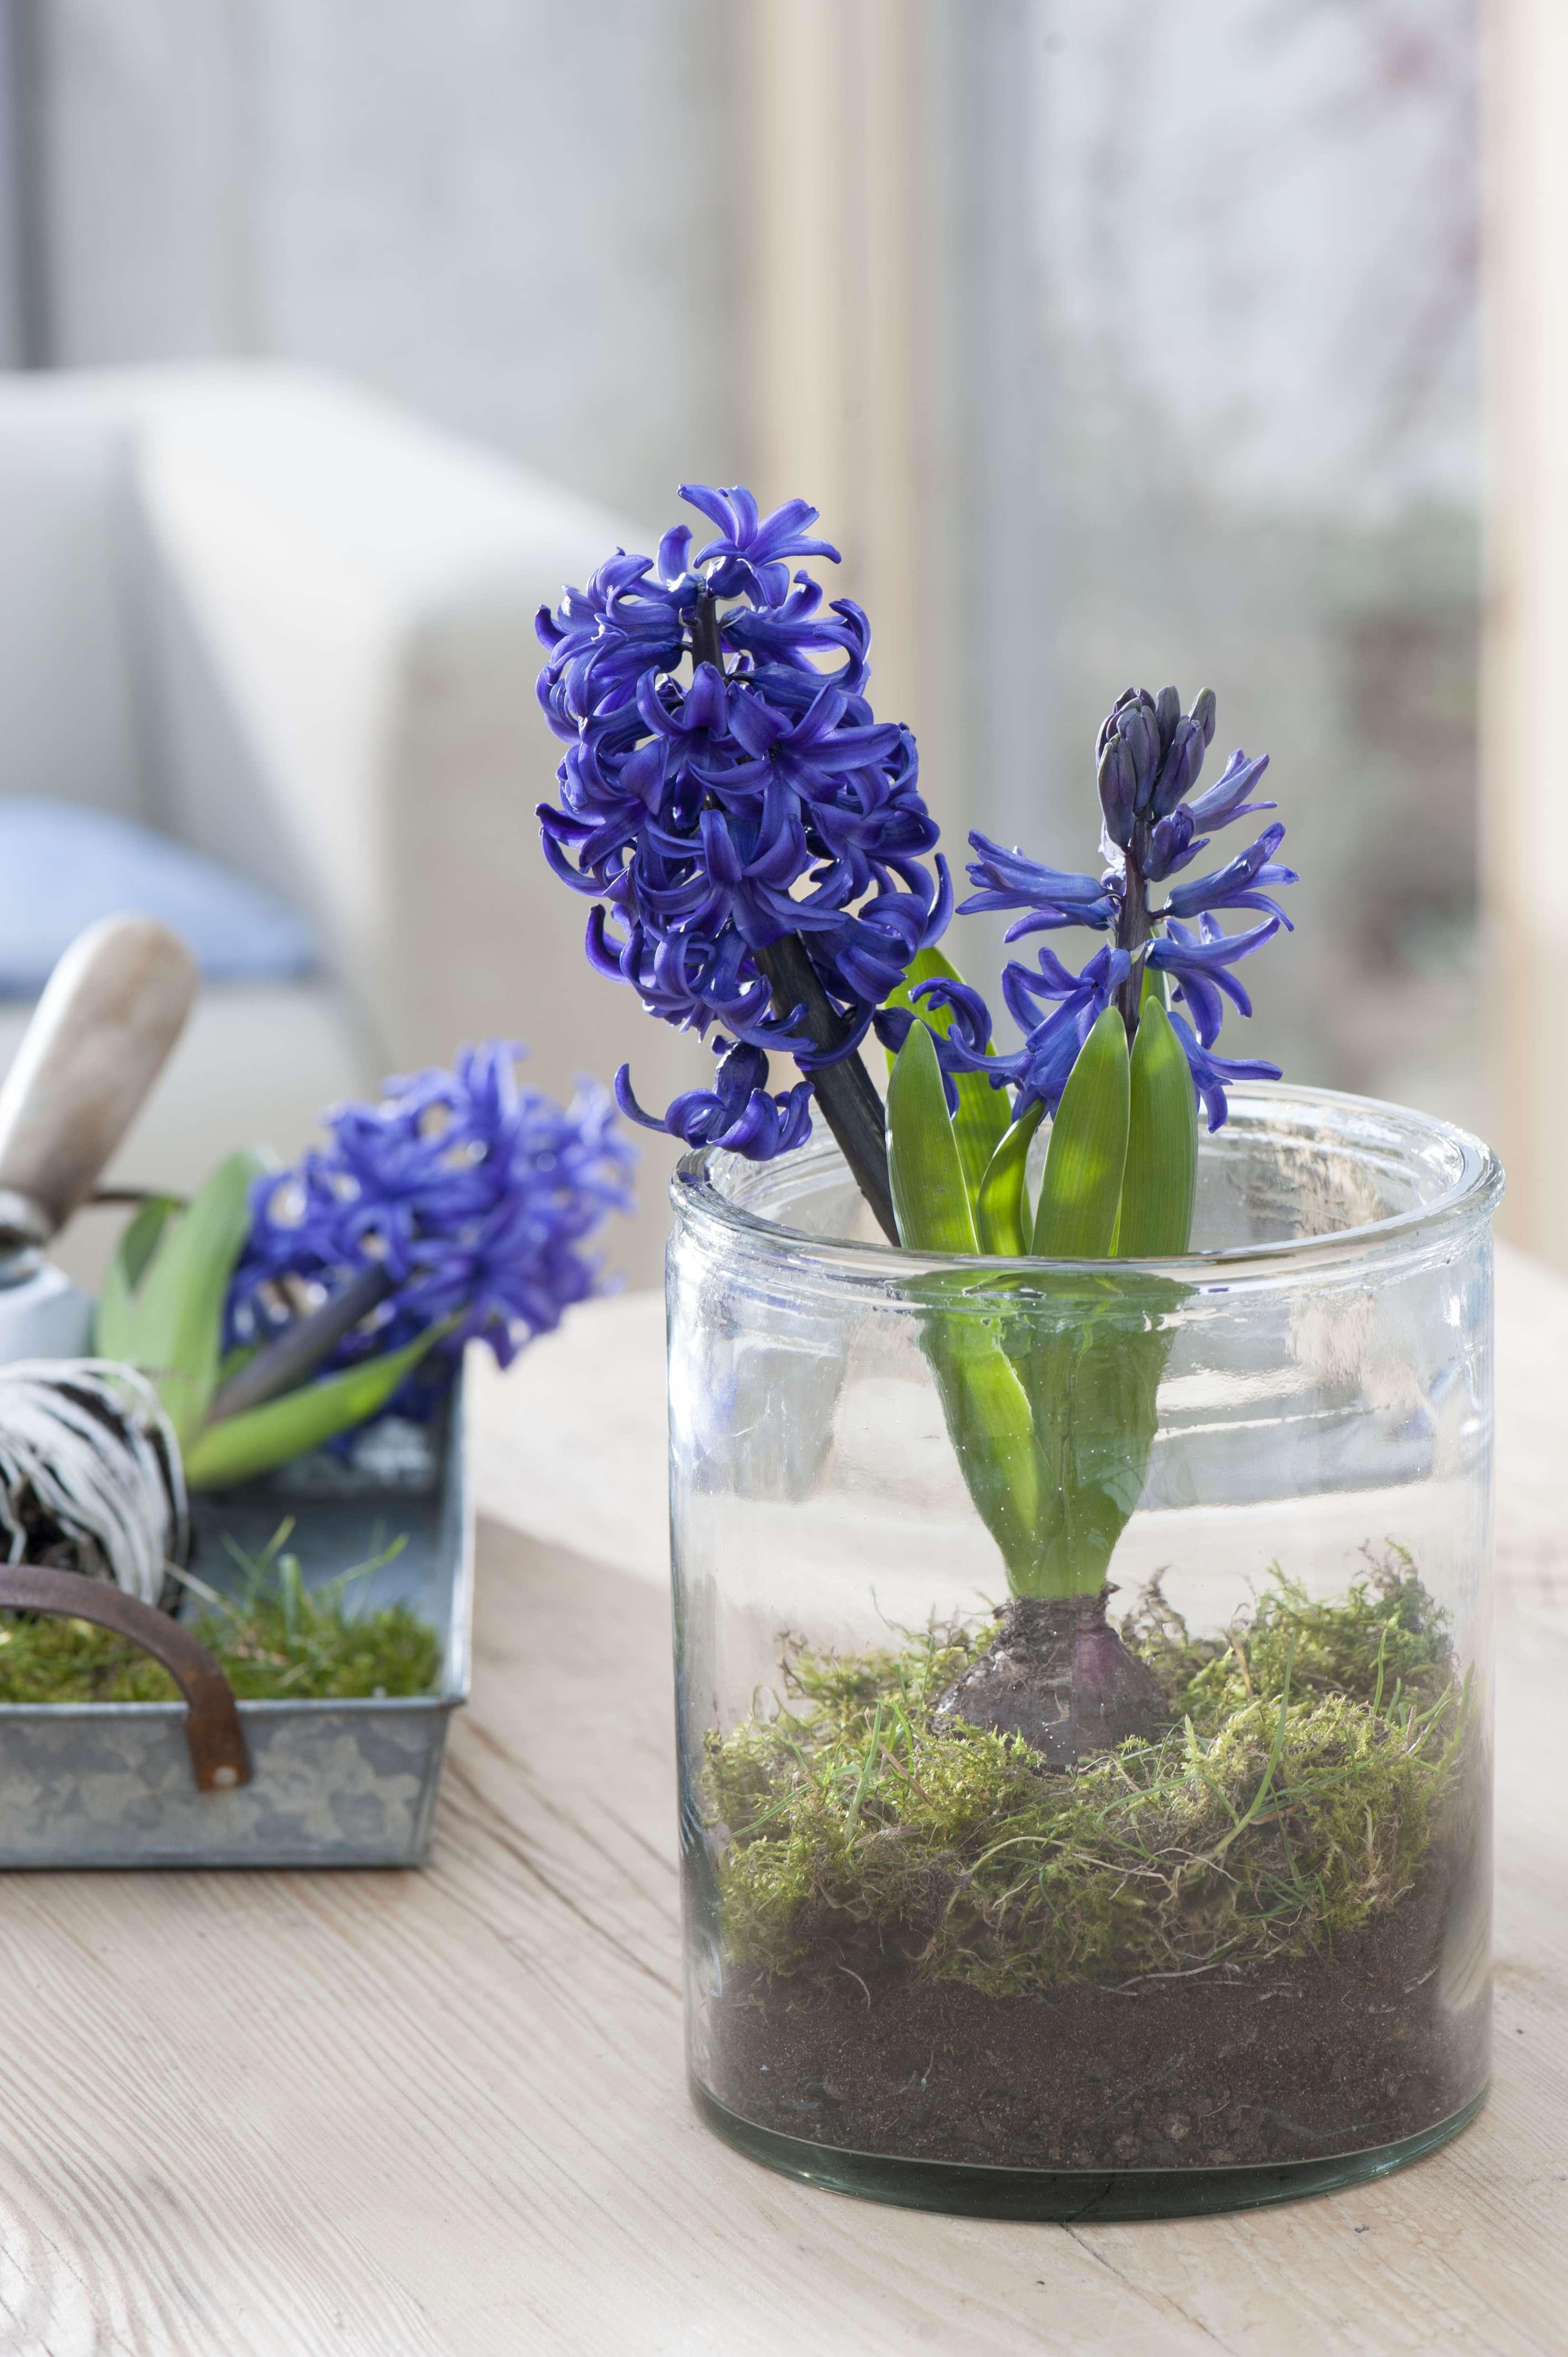 Hyacinthus 'Pacific Ocean' (Hyazinthe) mit Moos in Glas gesetzt